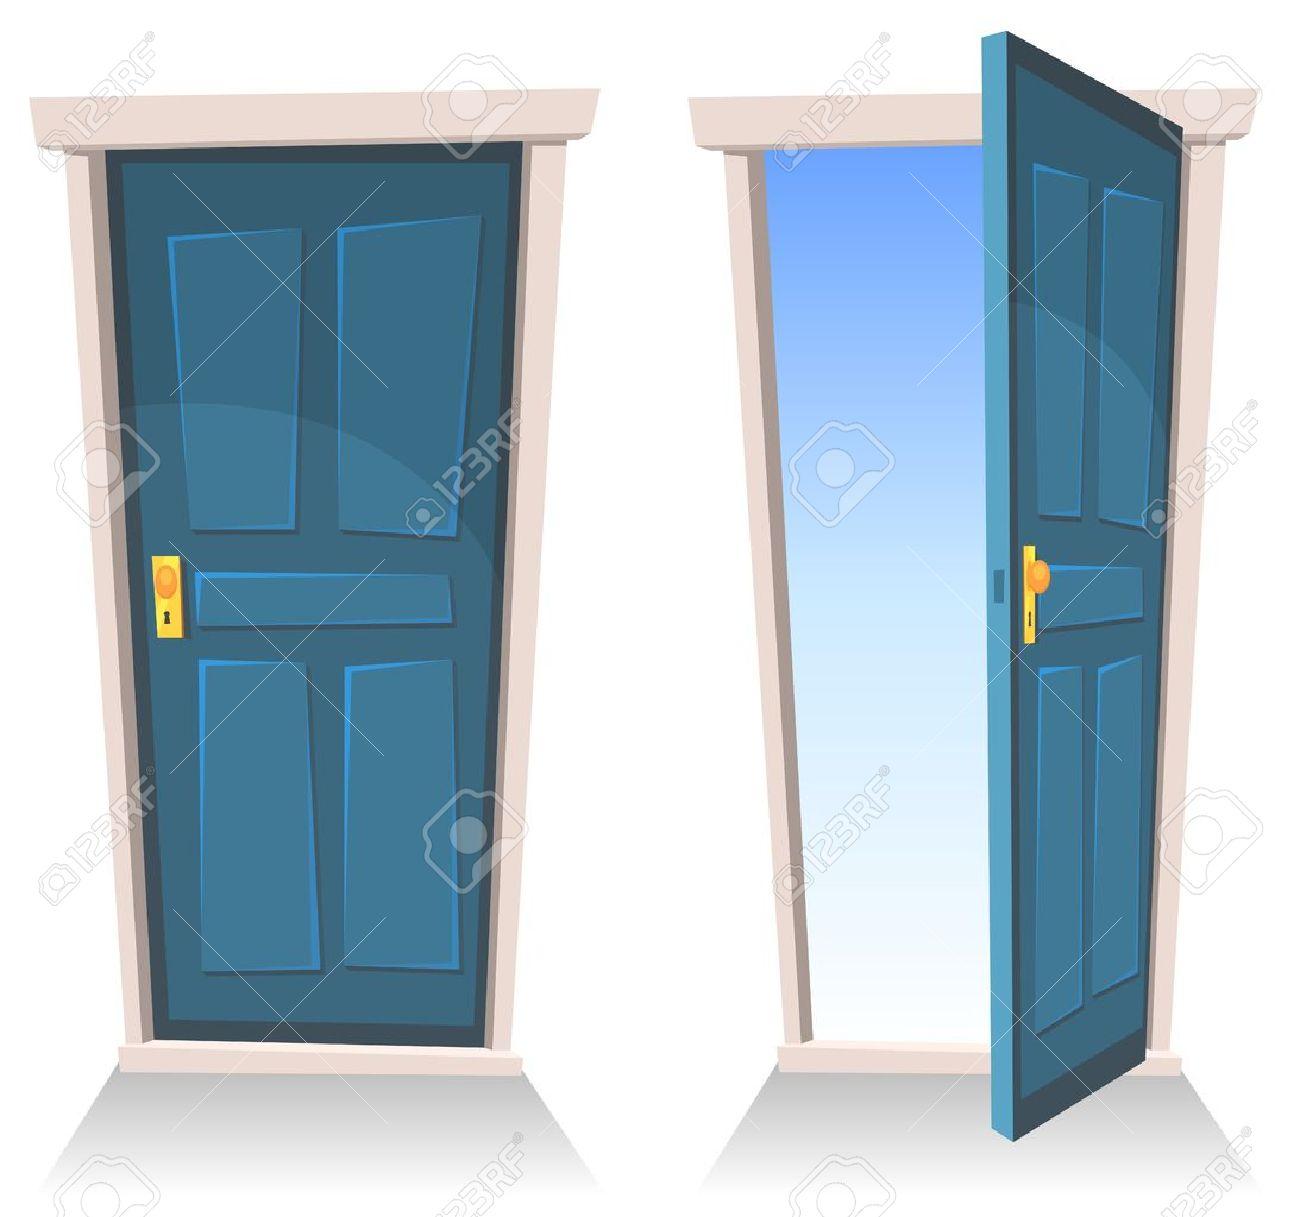 Geöffnete haustür  Illustration Aus Einer Reihe Von Comic-Haustüren Geöffnet Und ...